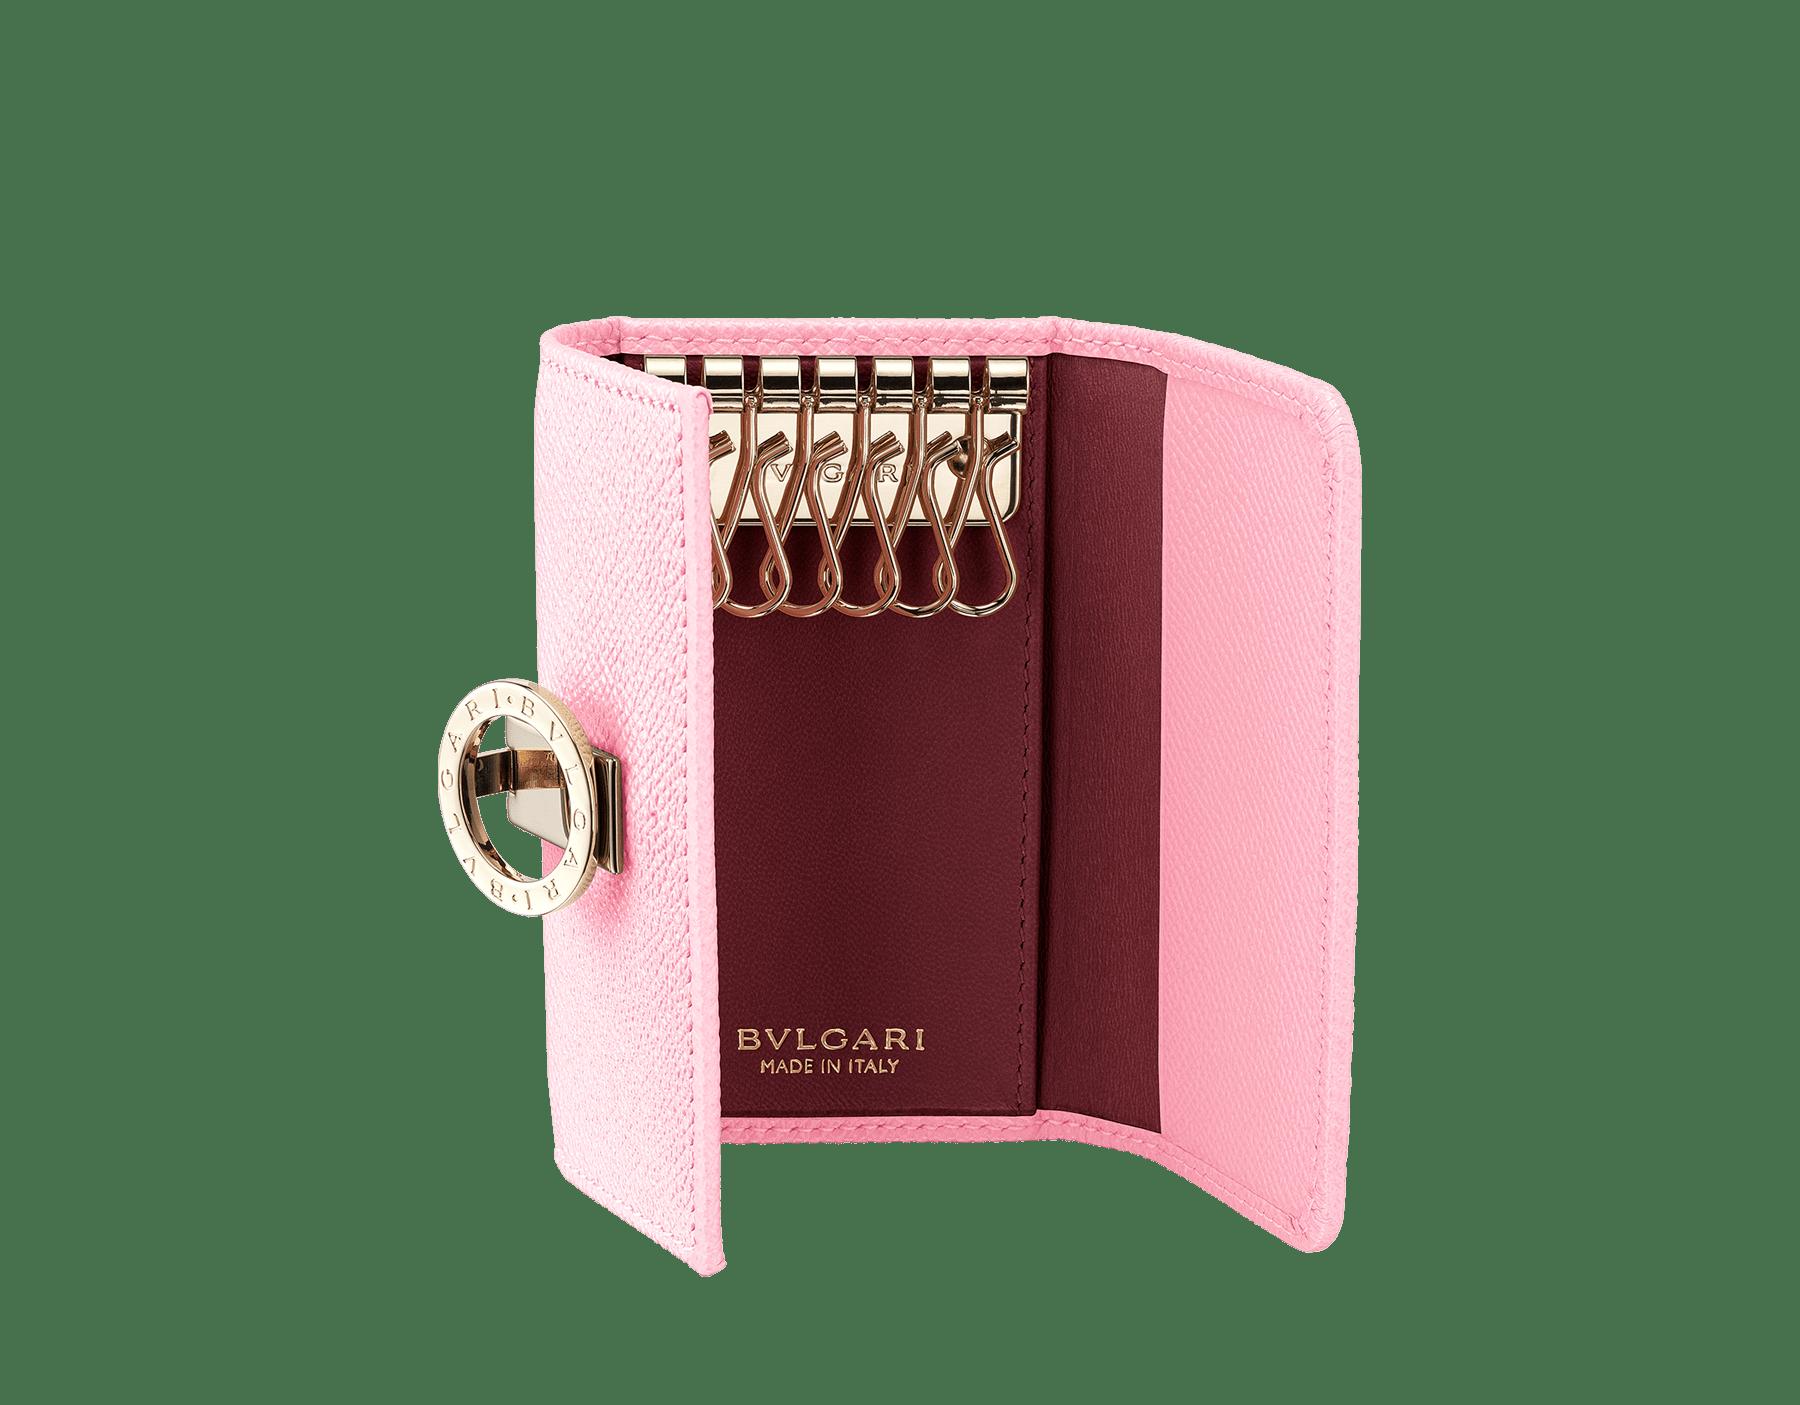 Piccolo portachiavi BVLGARI BVLGARI in vitello martellato rosa fenicottero e nappa granato romano. Iconica chiusura a clip con logo in ottone placcato oro chiaro. 288155 image 2